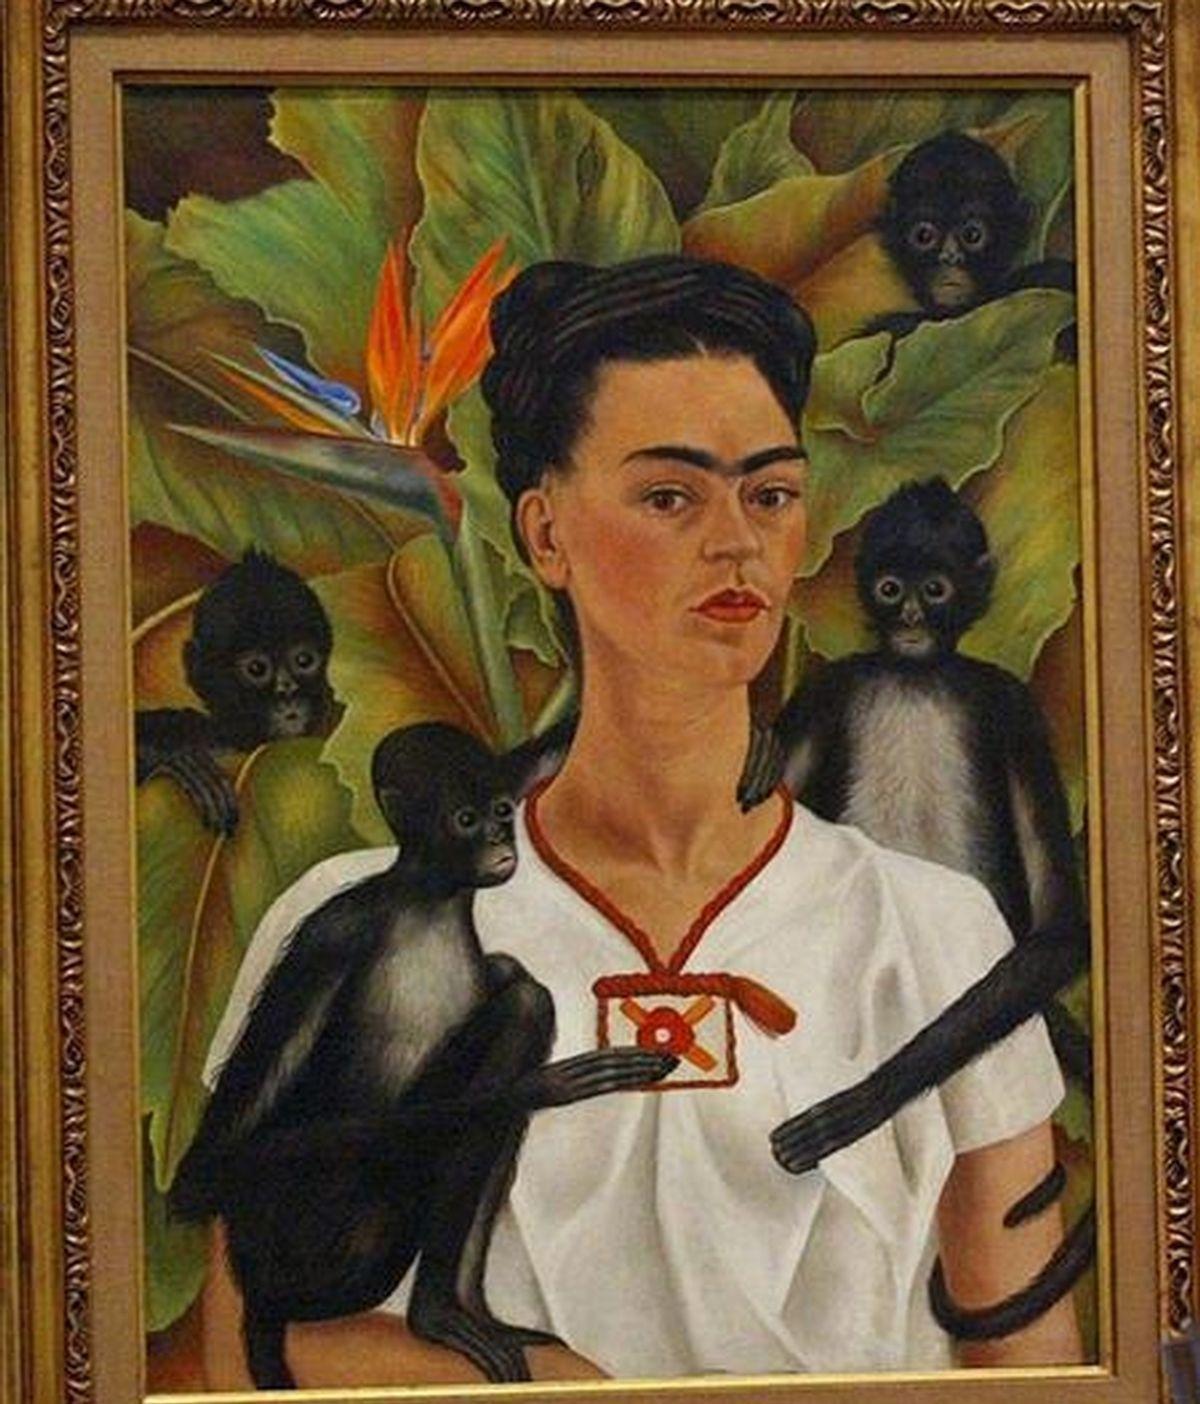 """Fotografía de archivo del cuadro """"Autorretrato con monos"""" de la famosa artista mexicana Frida Kahlo (1907-1954), en una exposición en el Museo Tate Modern de Londres (Reino Unido). EFE/Archivo"""